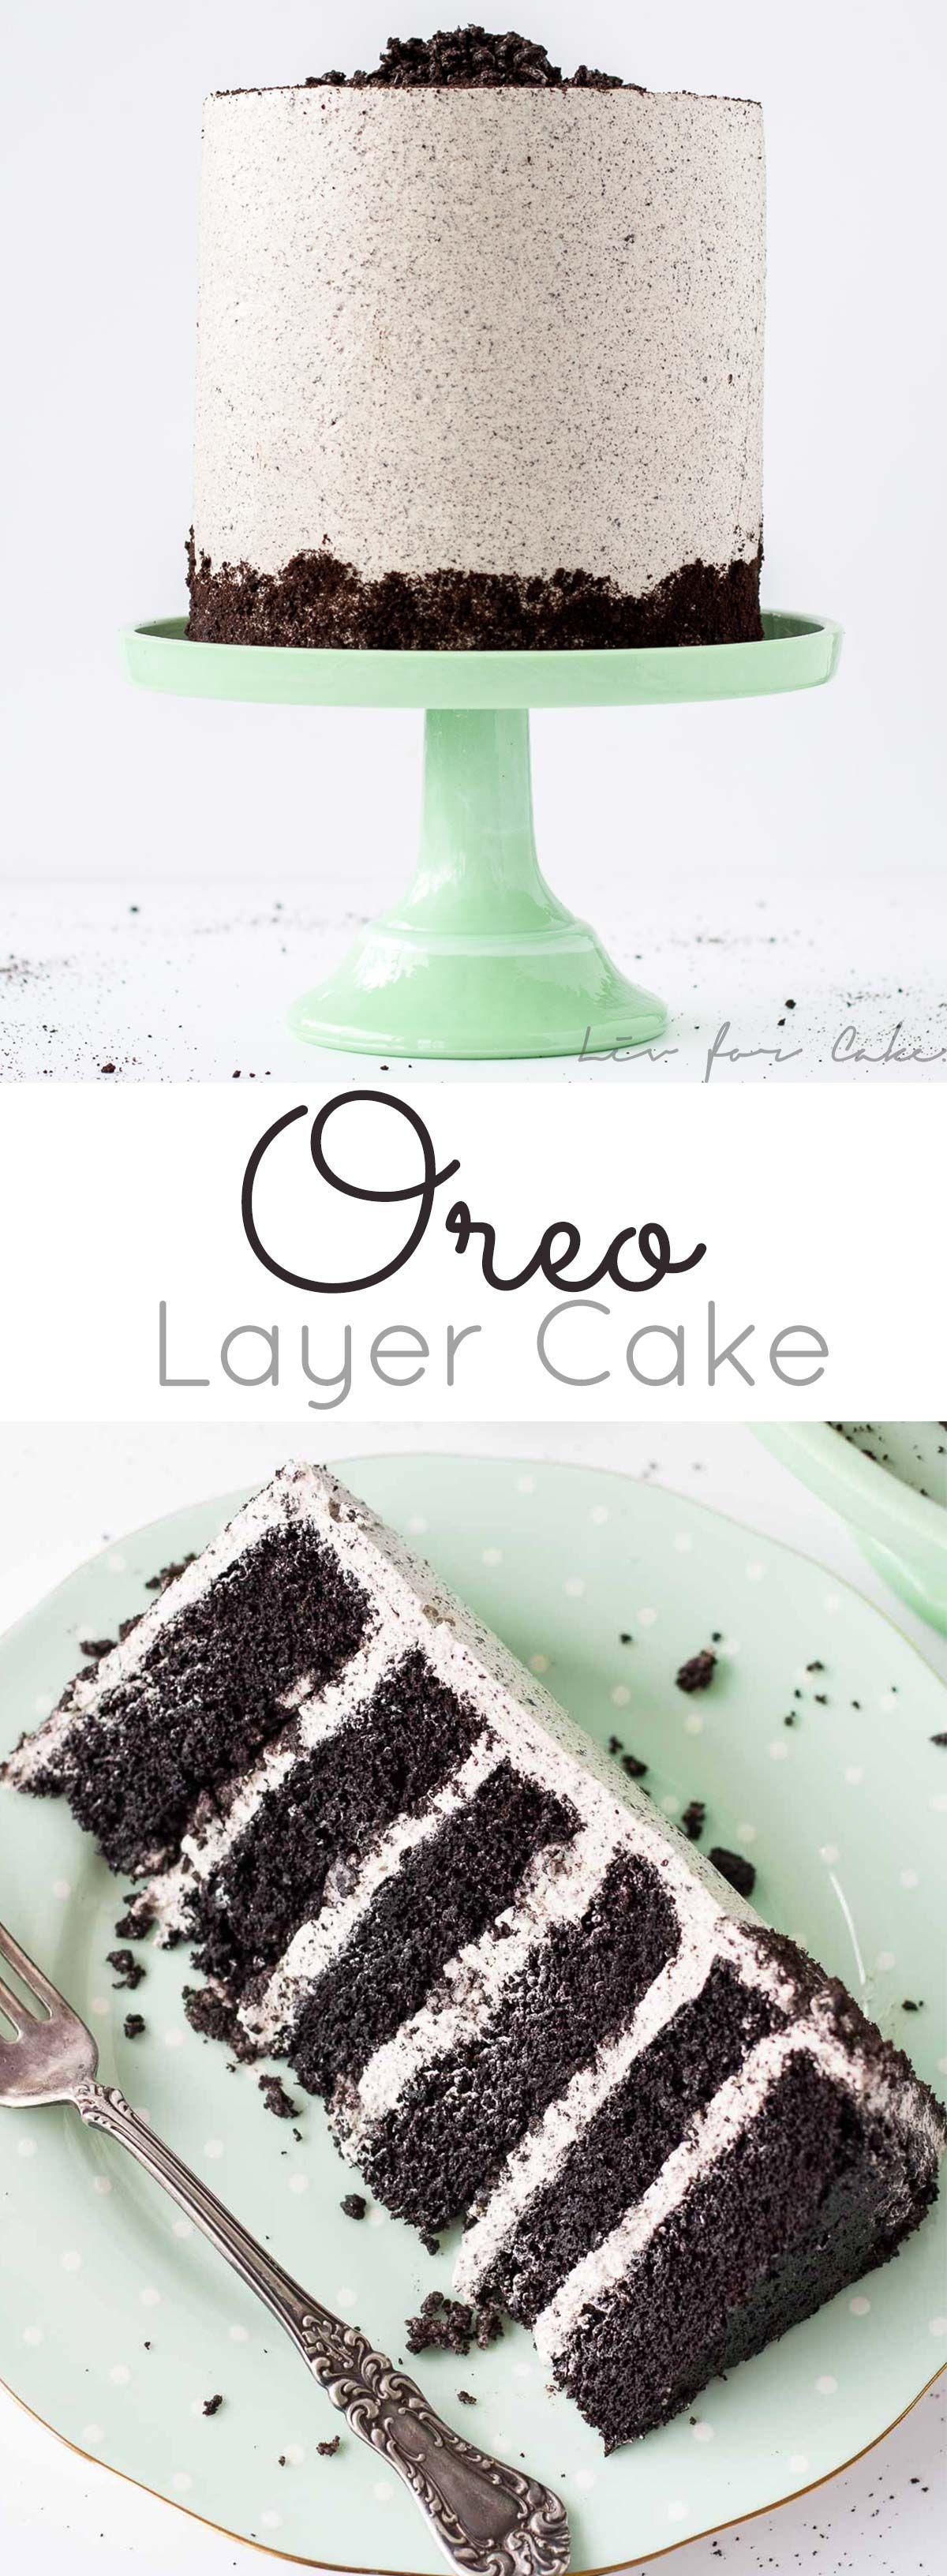 오레오 레이어 케이크